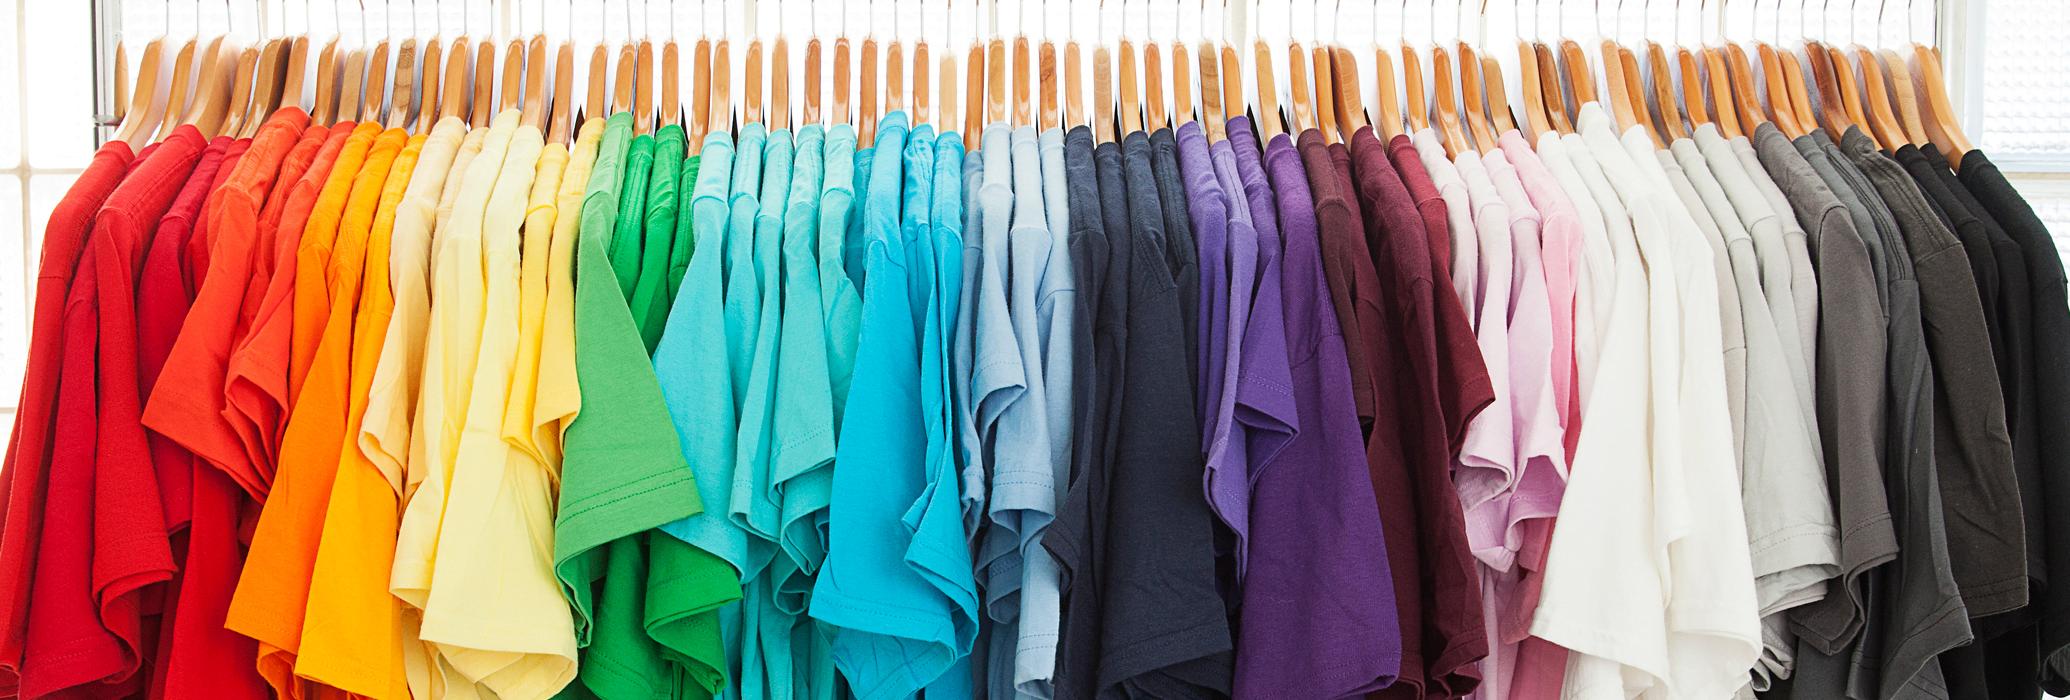 Tisk majic sublimacija na bomba murska sobota pomurje for Custom full color t shirts